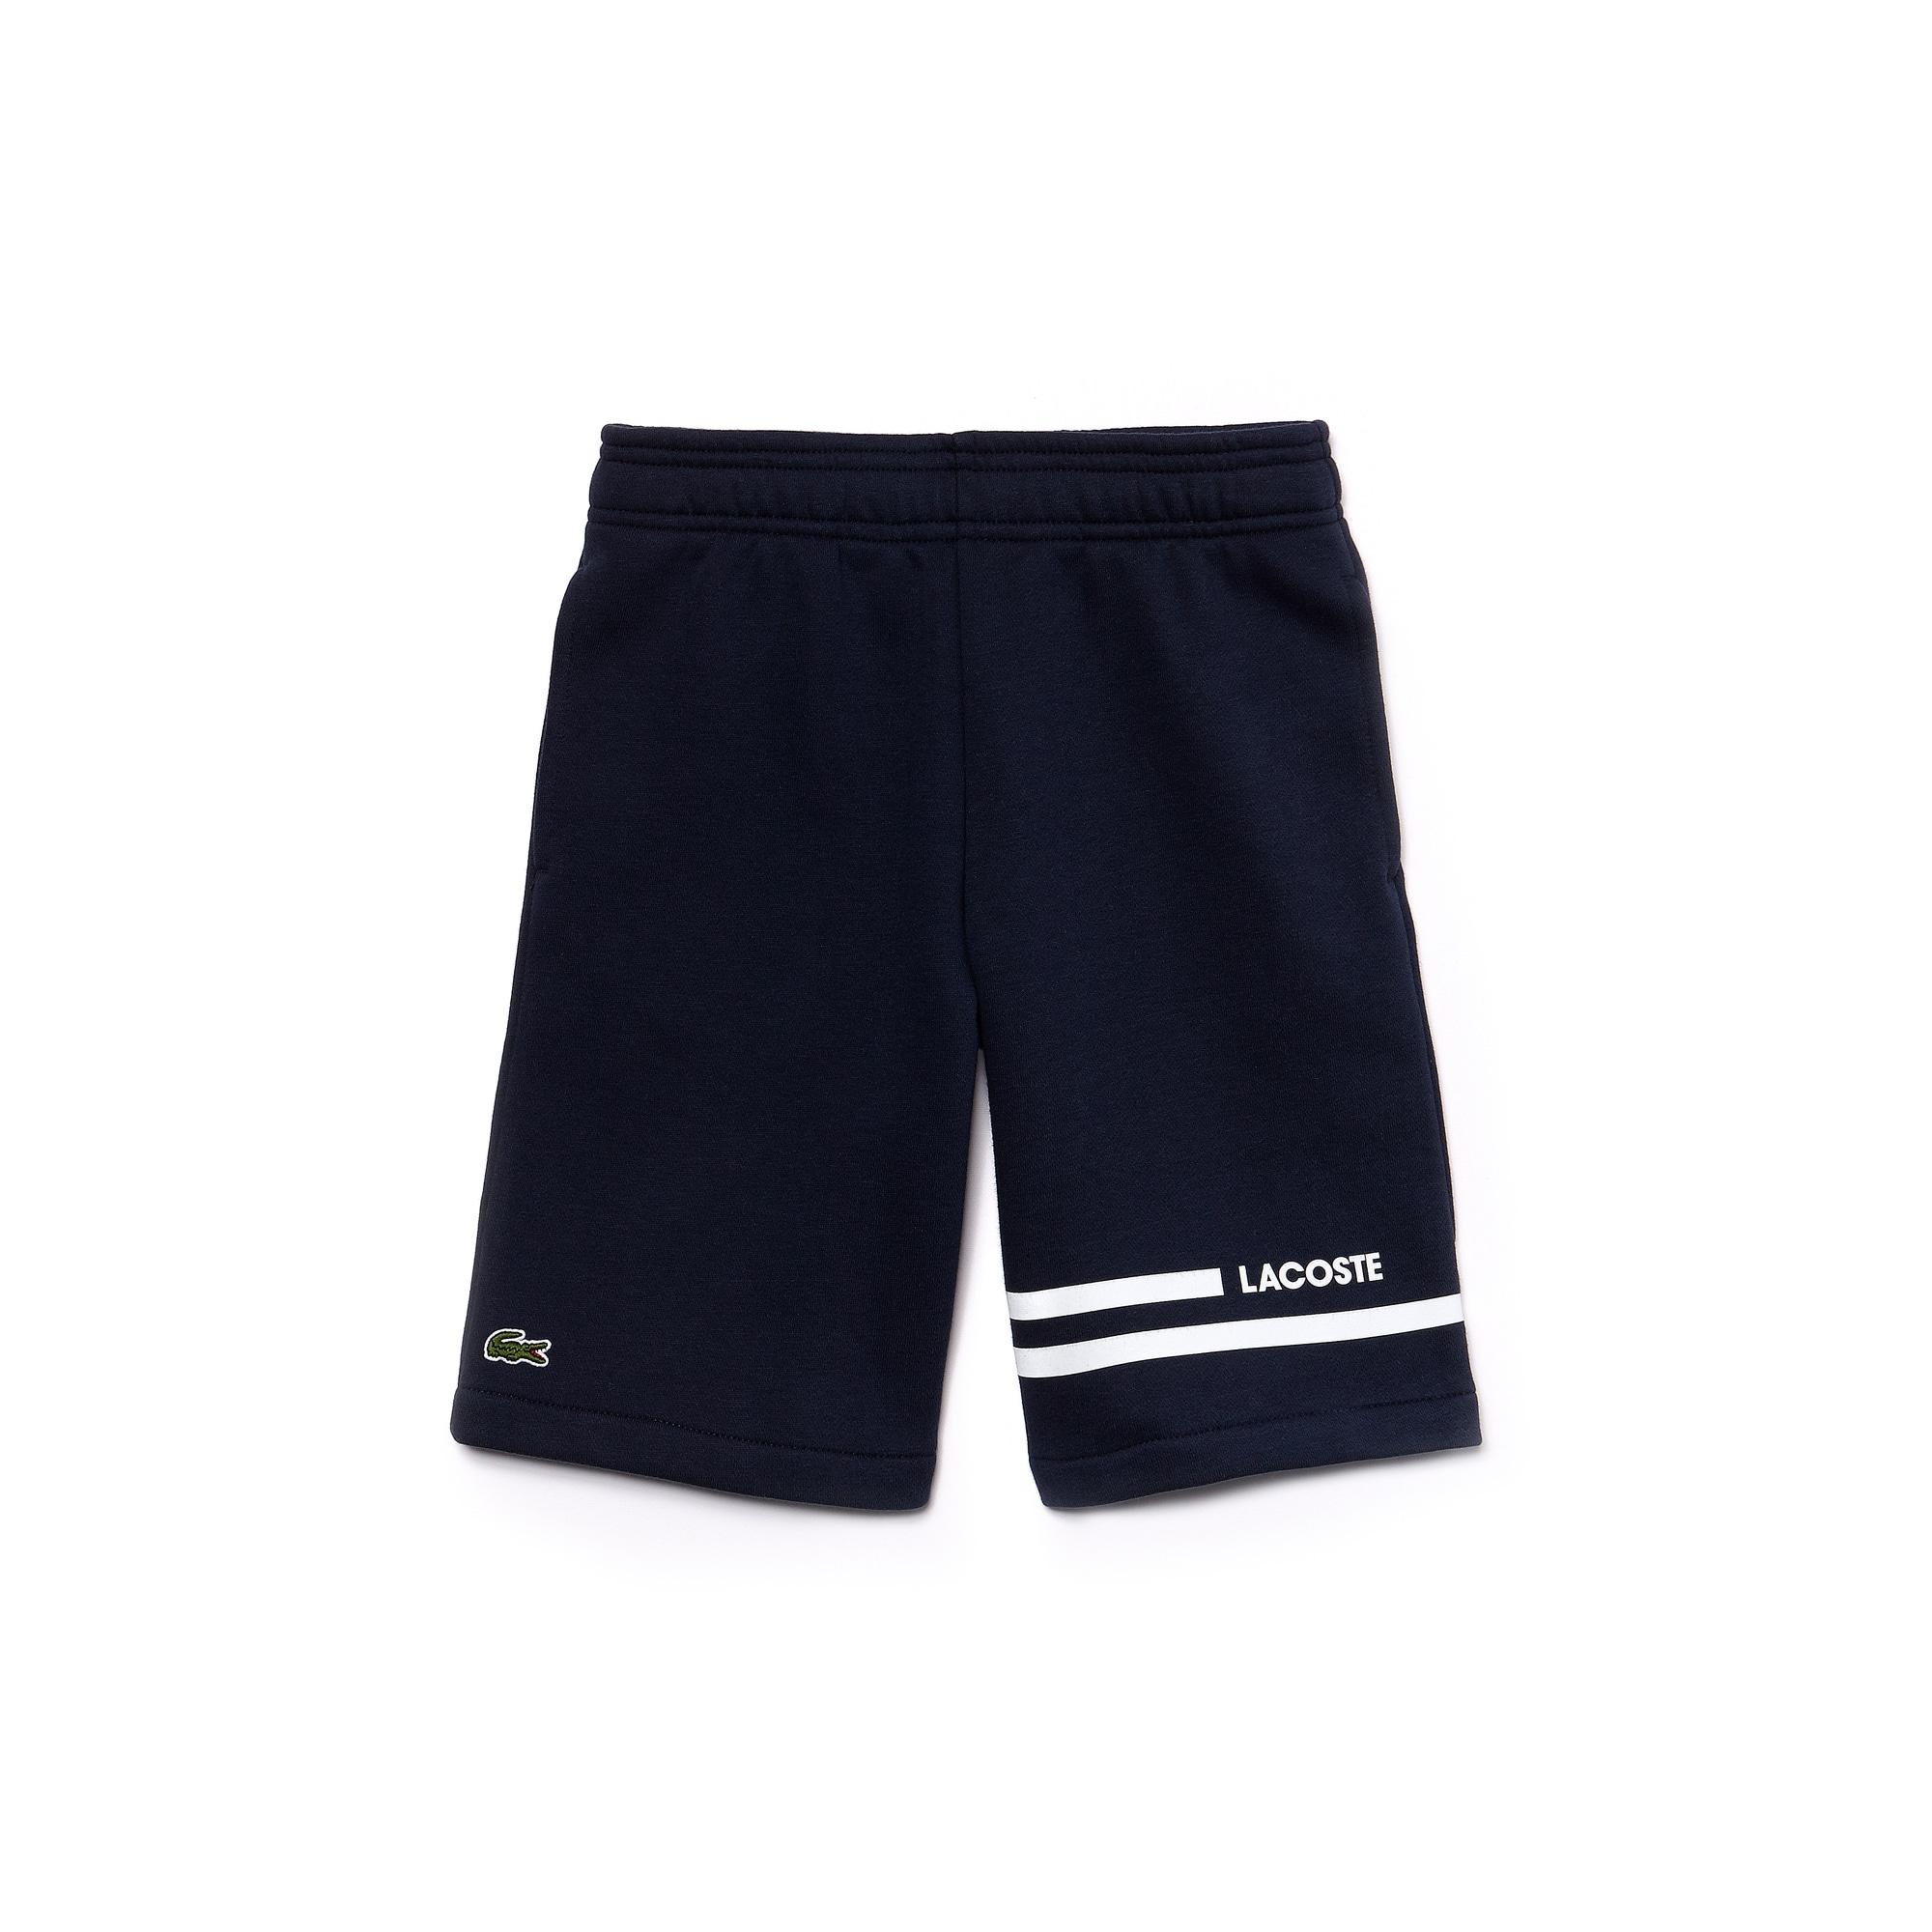 Lacoste SPORT Tennis-short jongens fleece met contrasterende strepen